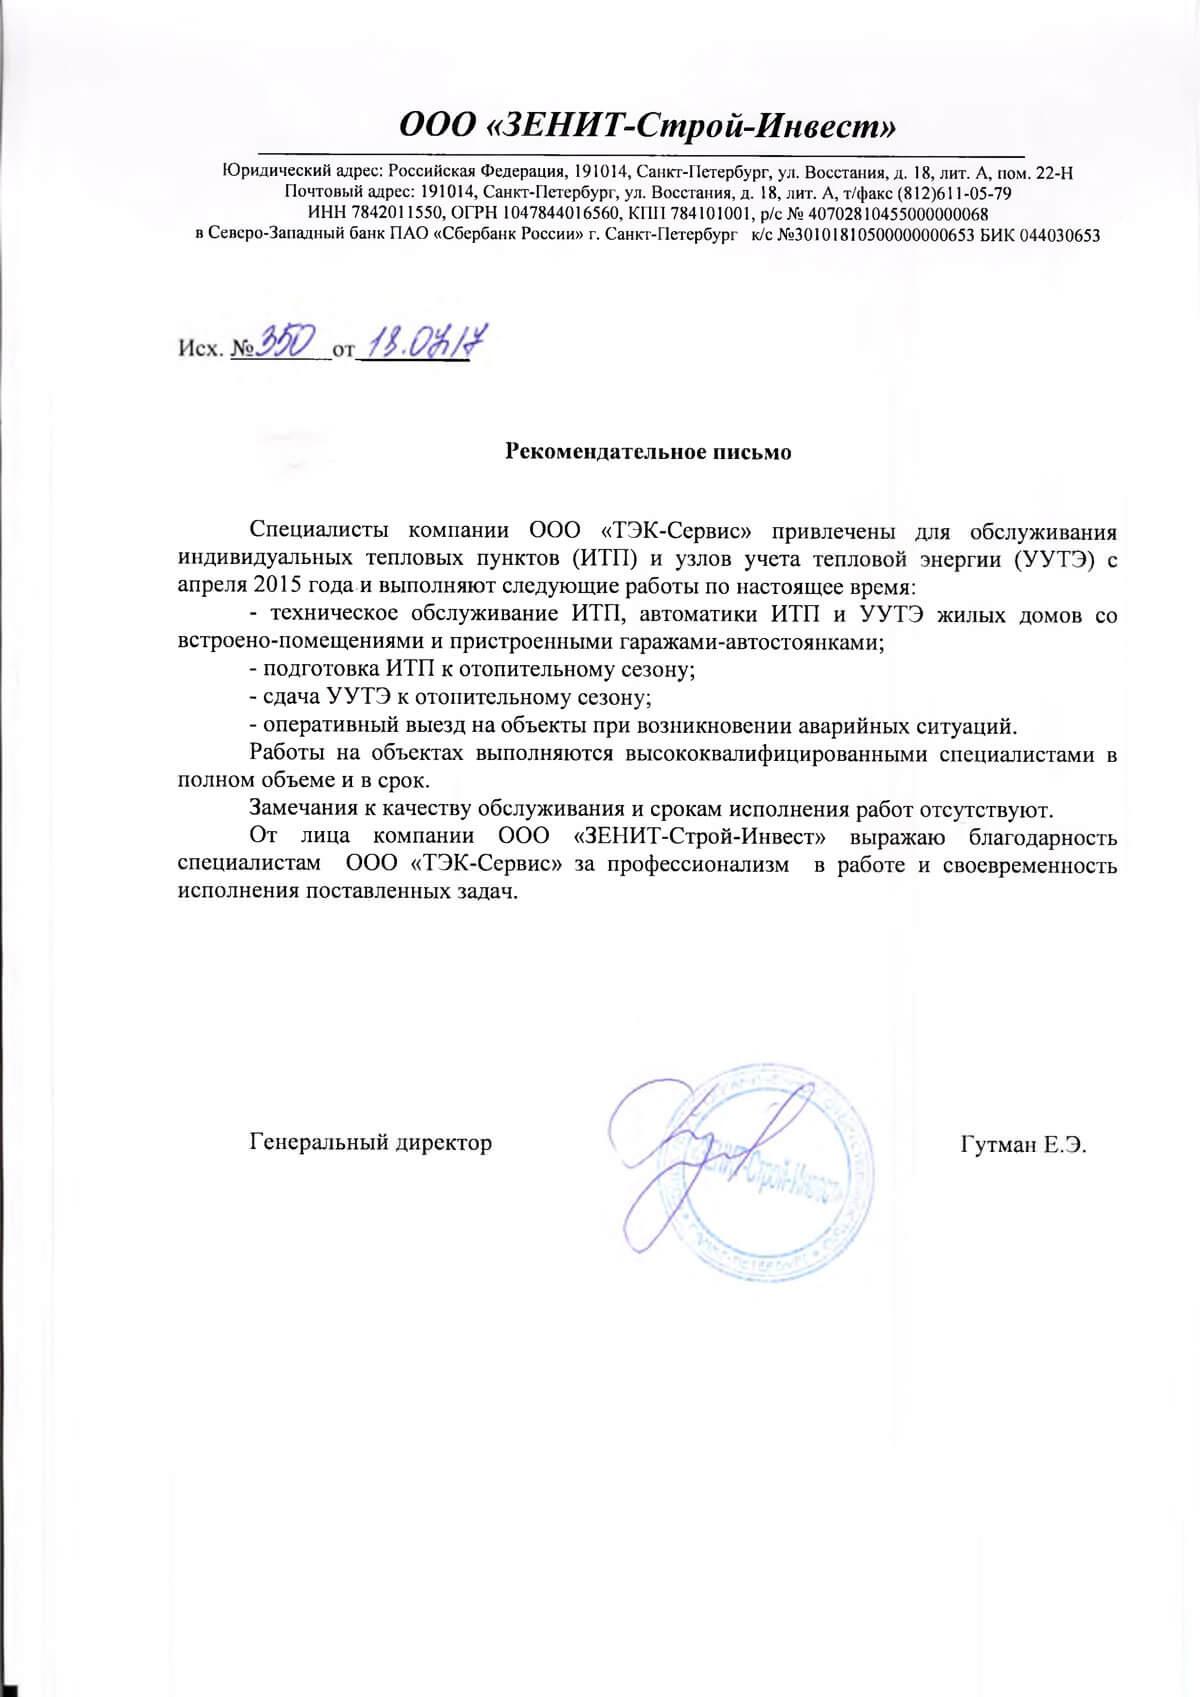 Рекомендательное письмо от ООО «Зенит-Строй-Инвест»